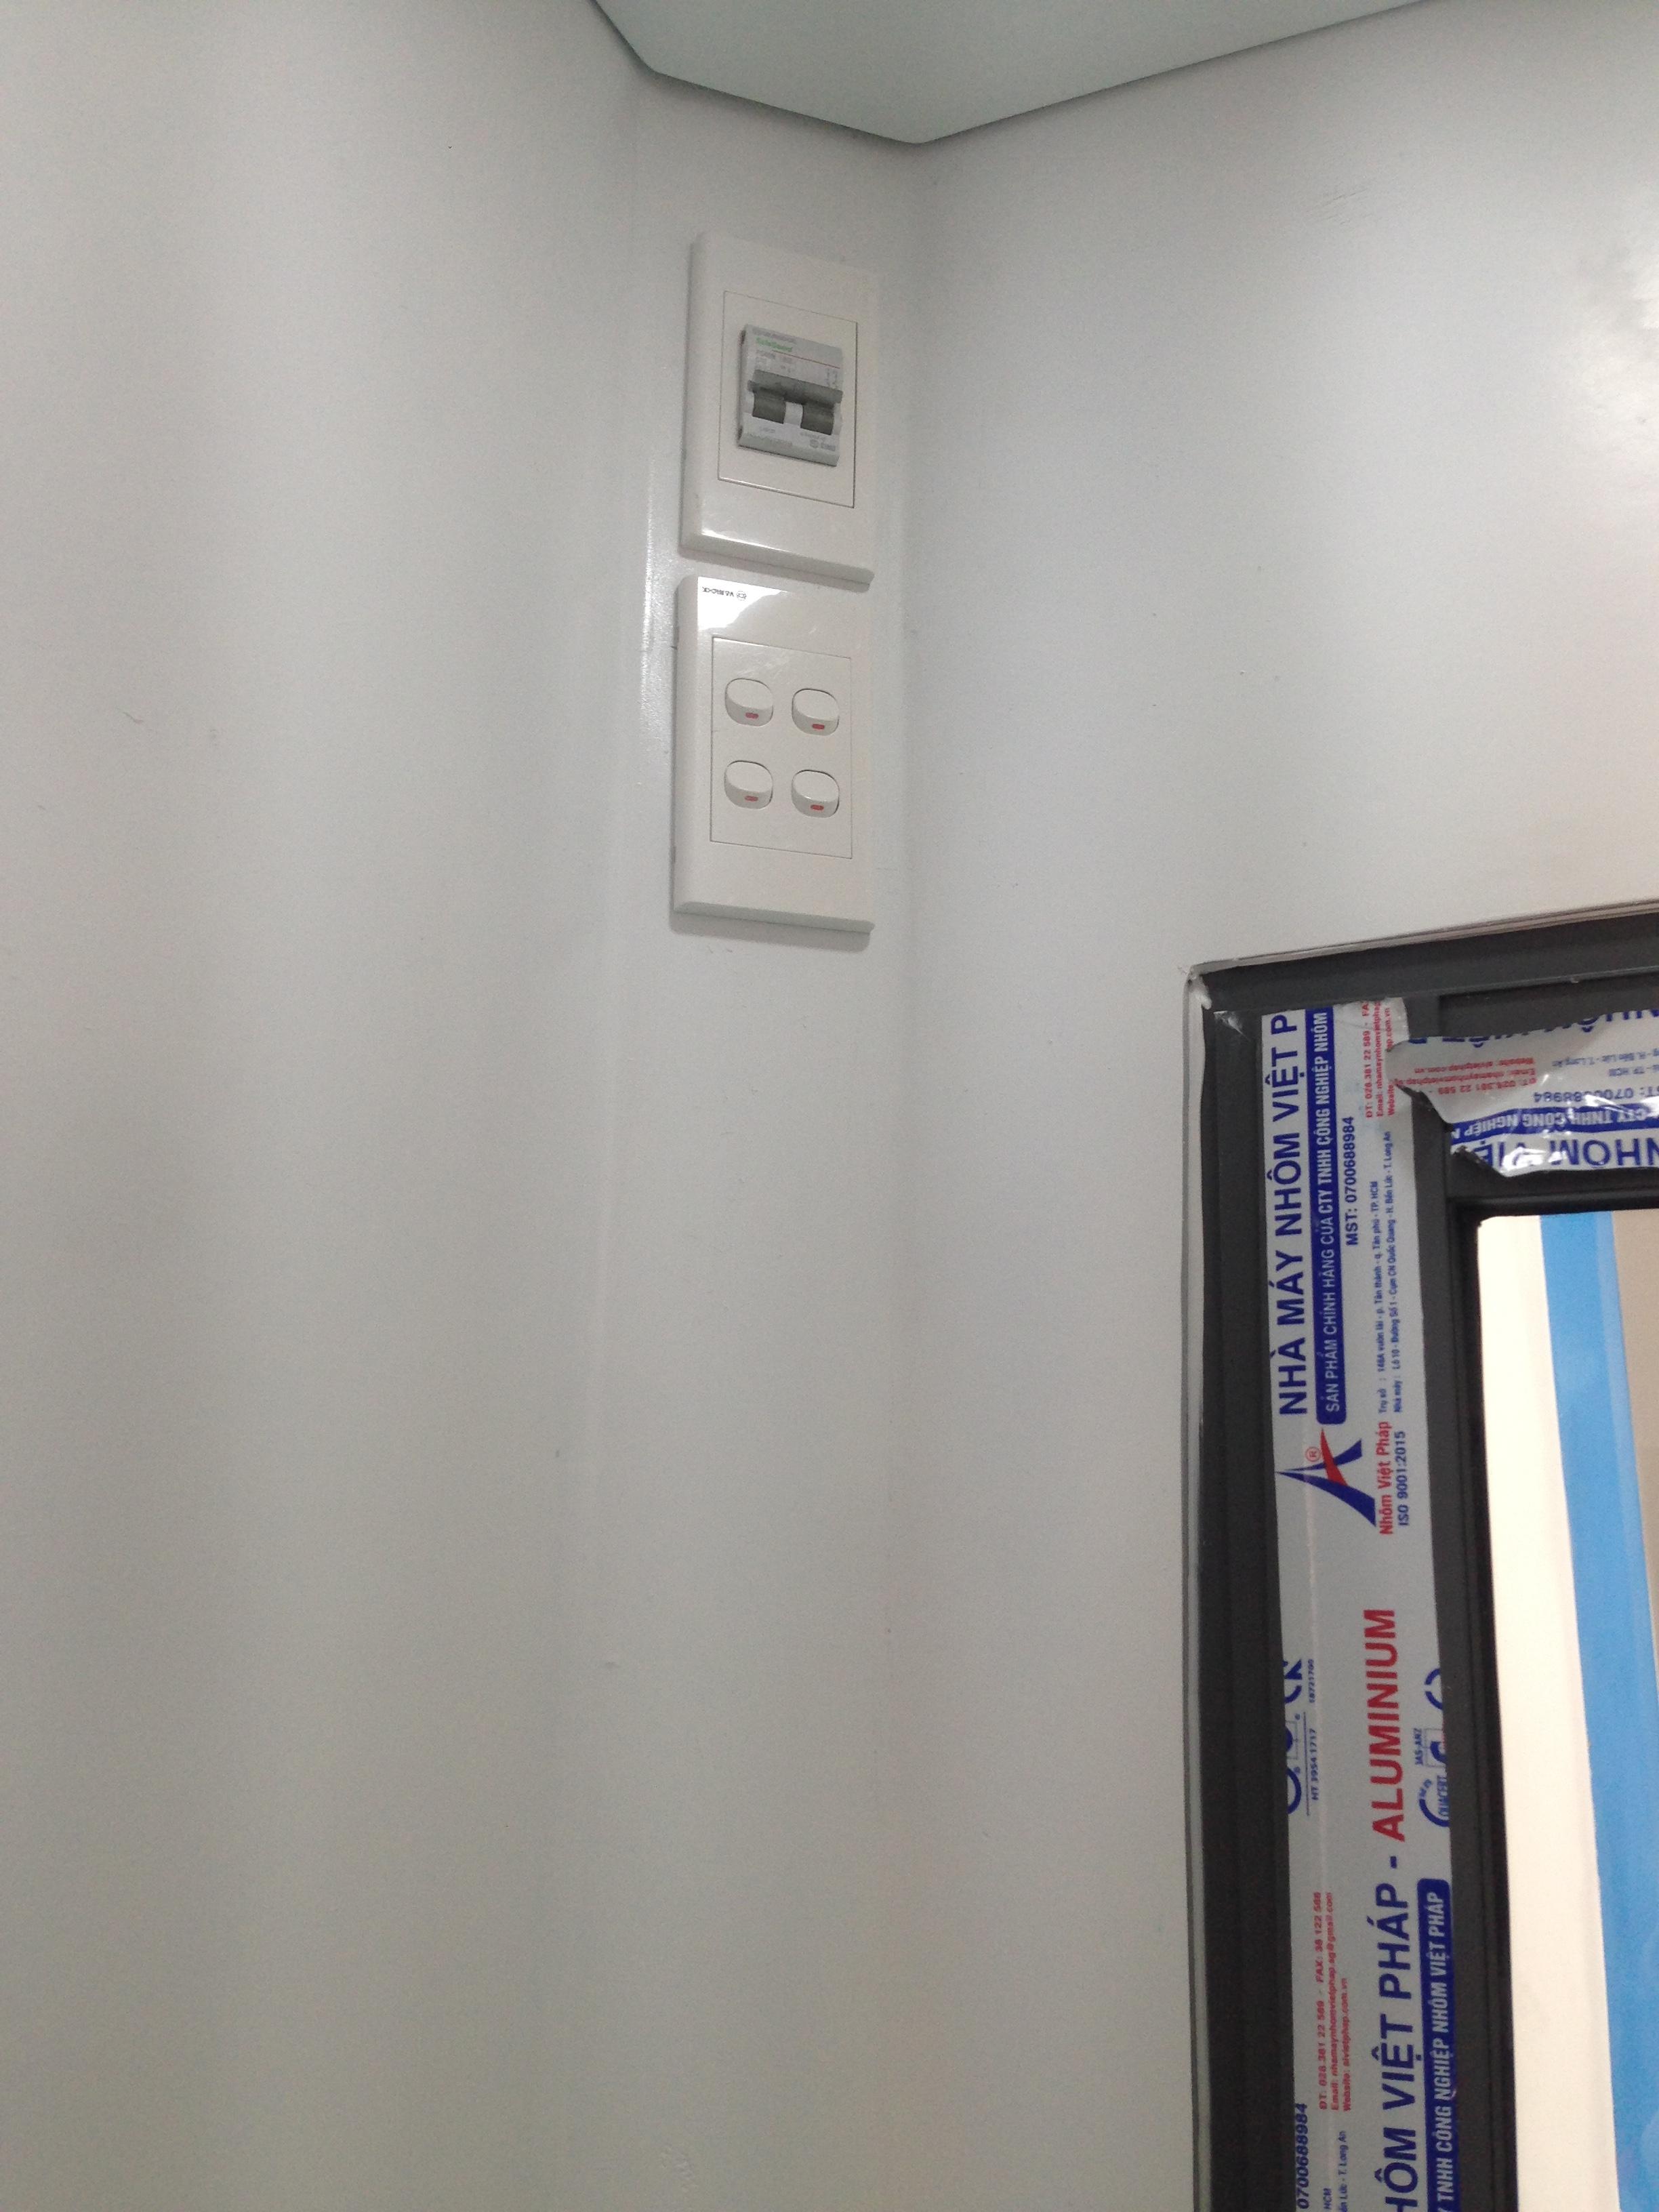 Hệ thống điện được bố trí âm tường có atomat tổng bảo vệ an toàn cho cả cabin bảo vệ